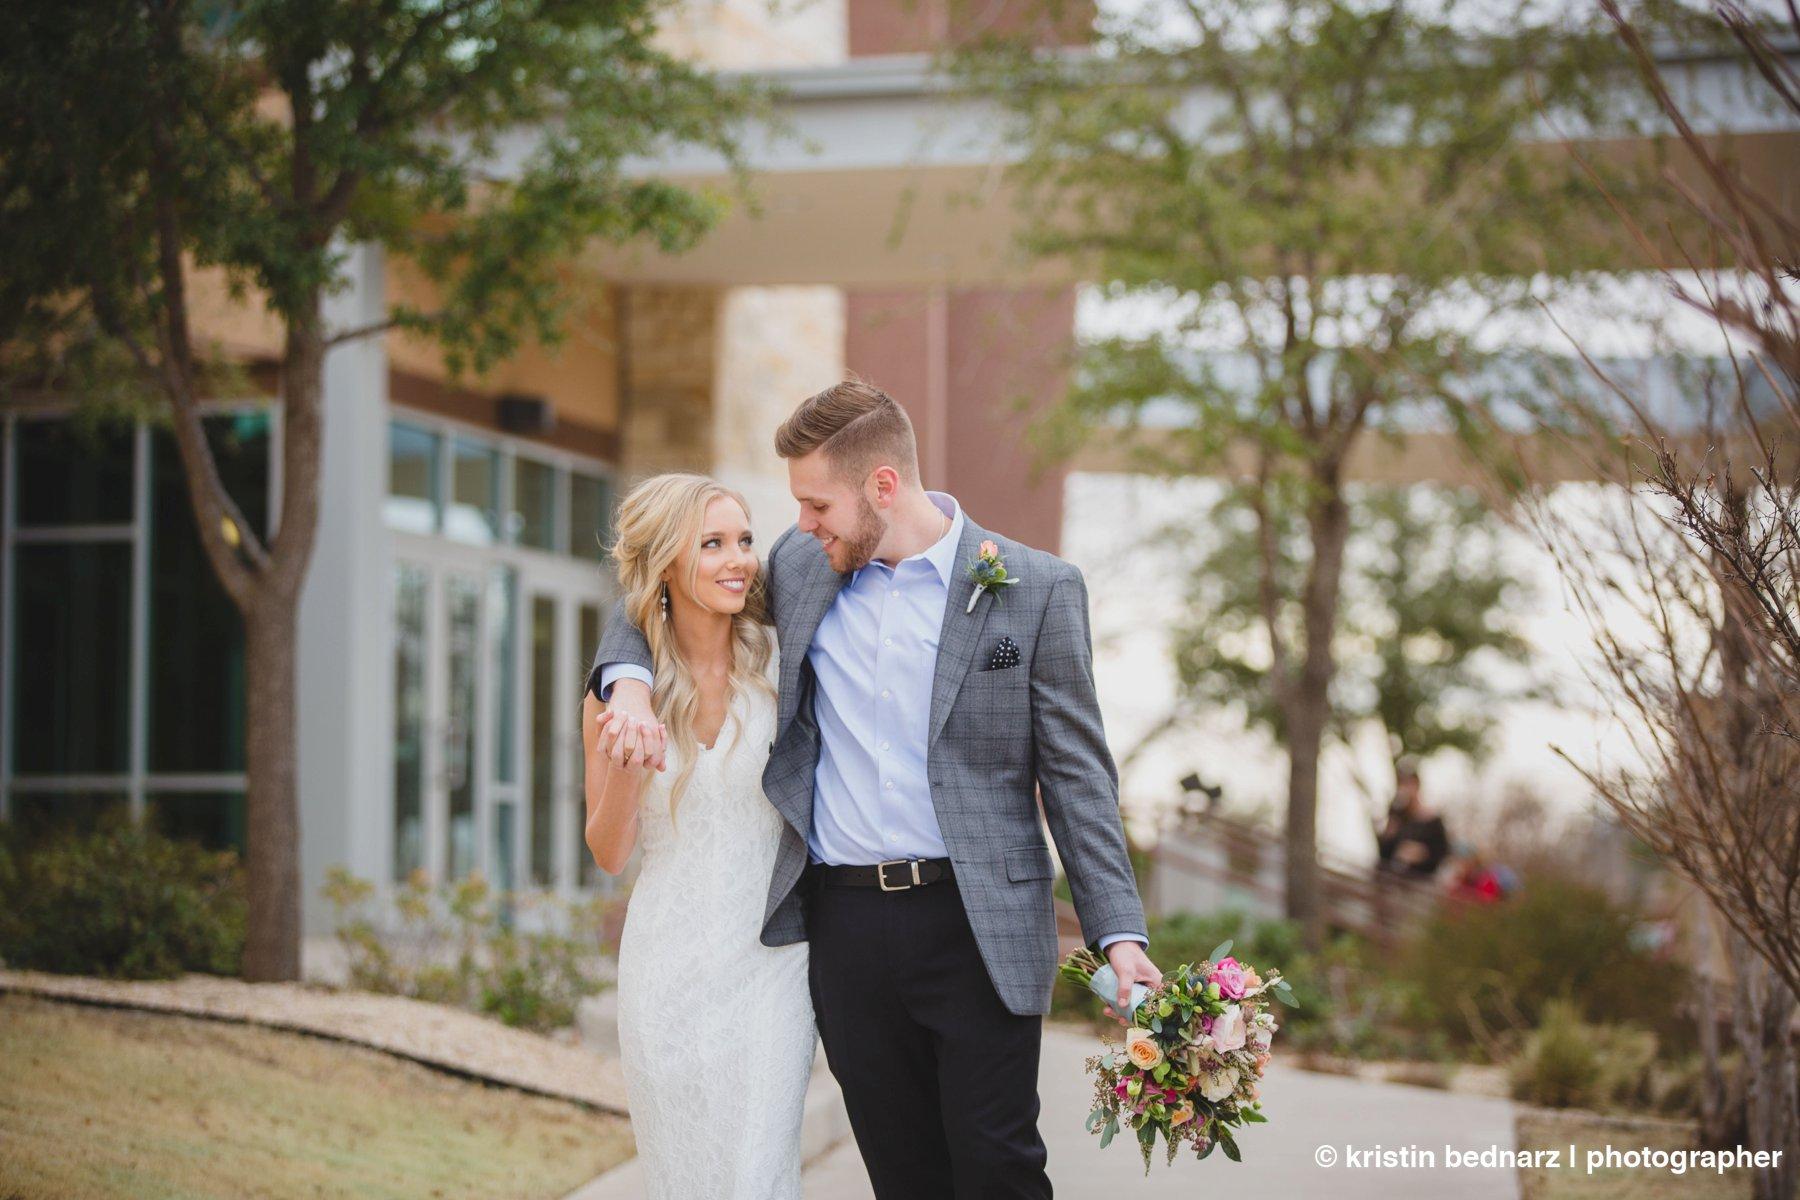 kristin_bednarz_wedding_photographer_20190214_00065sneak_peek.JPG